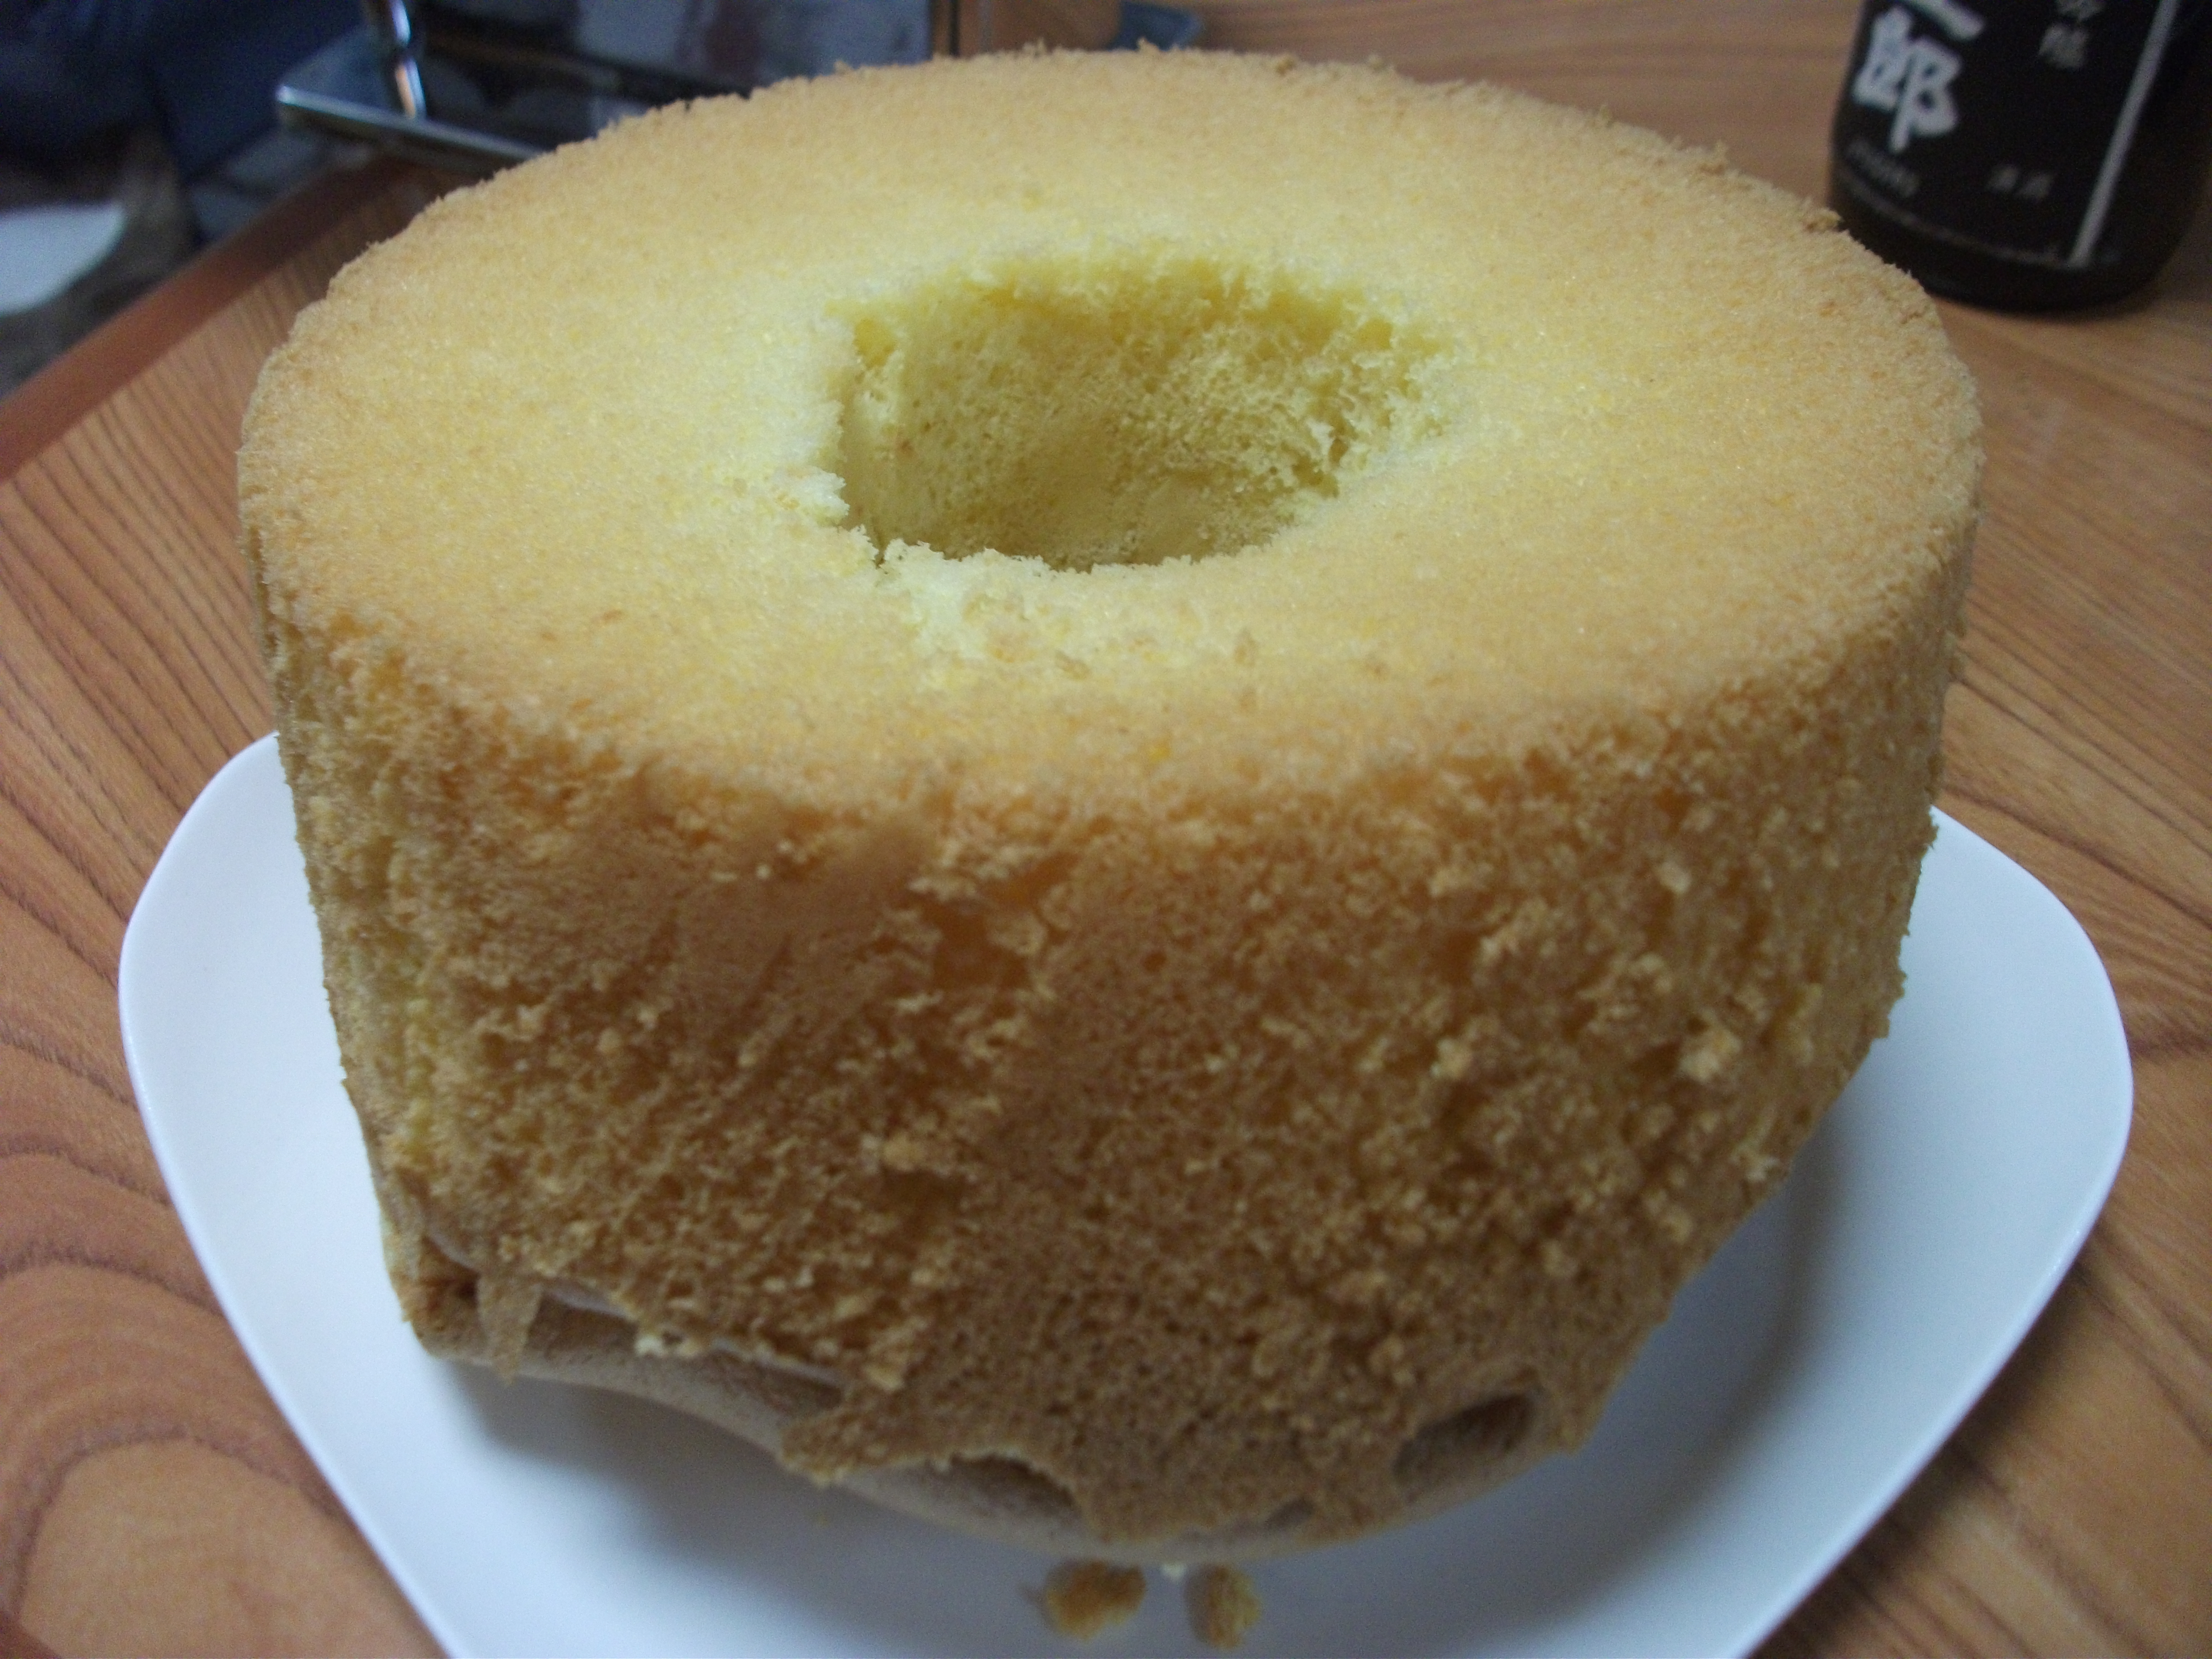 京都江部粉つくレポ。a-ta-sante糖質制限パン料理教室、阿倍野区西田辺。